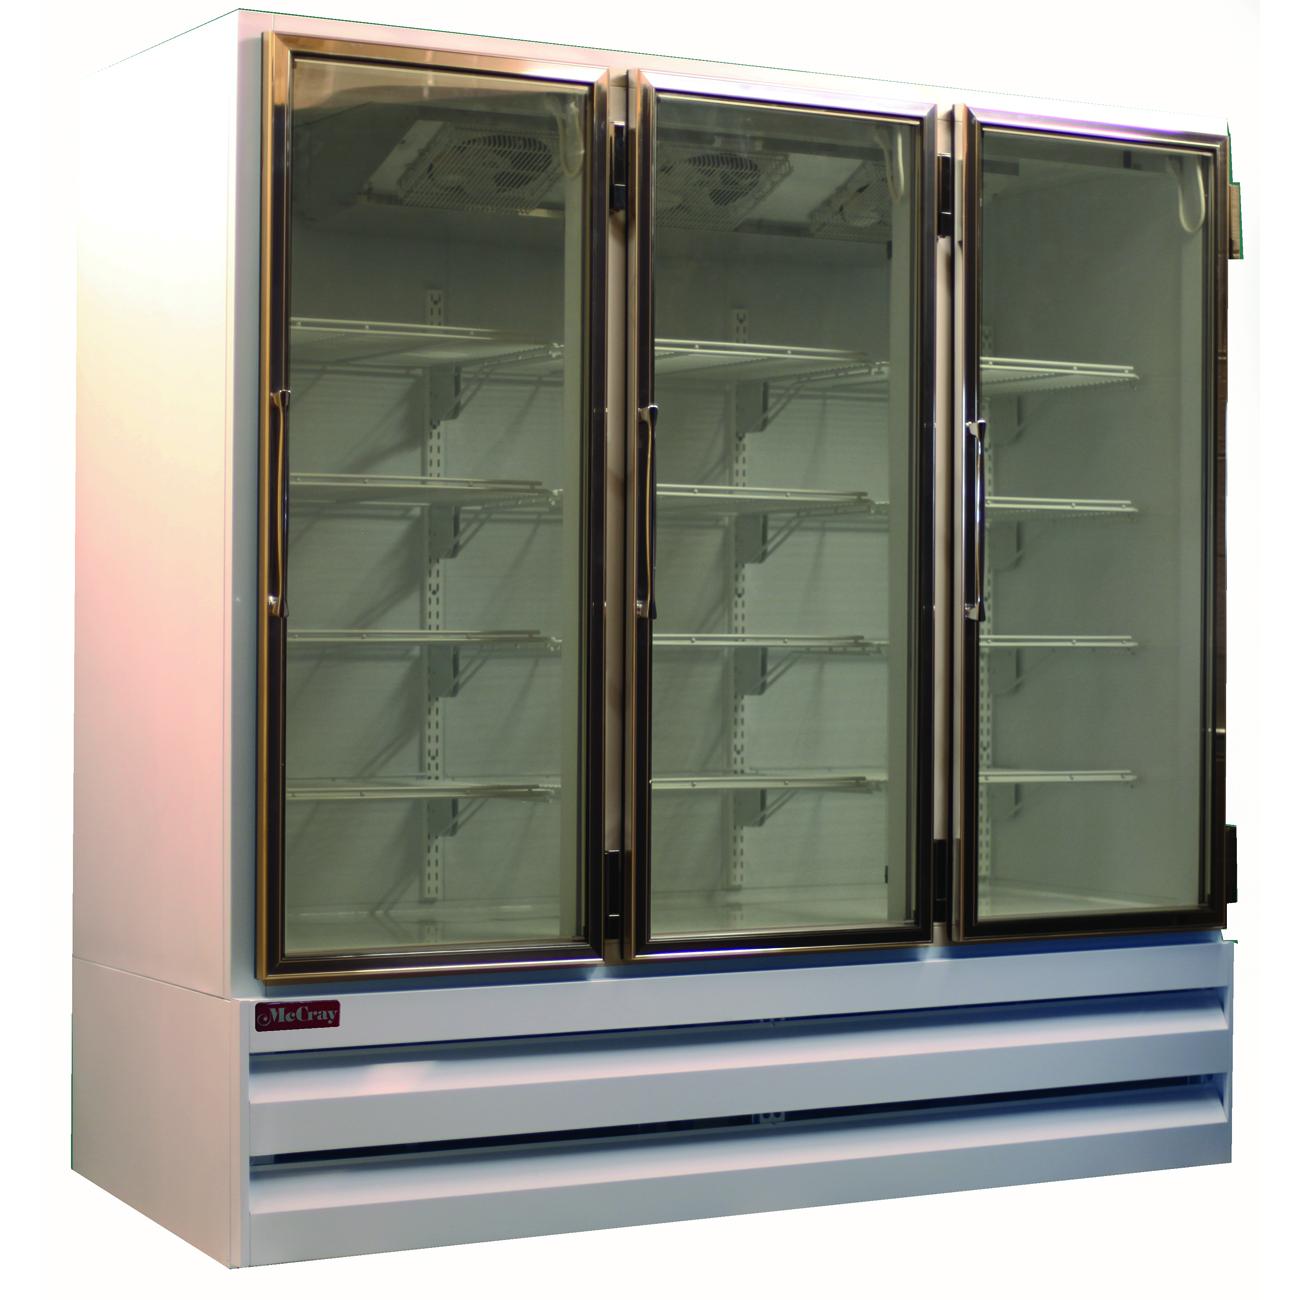 Howard-McCray GR65BM-S refrigerator, merchandiser